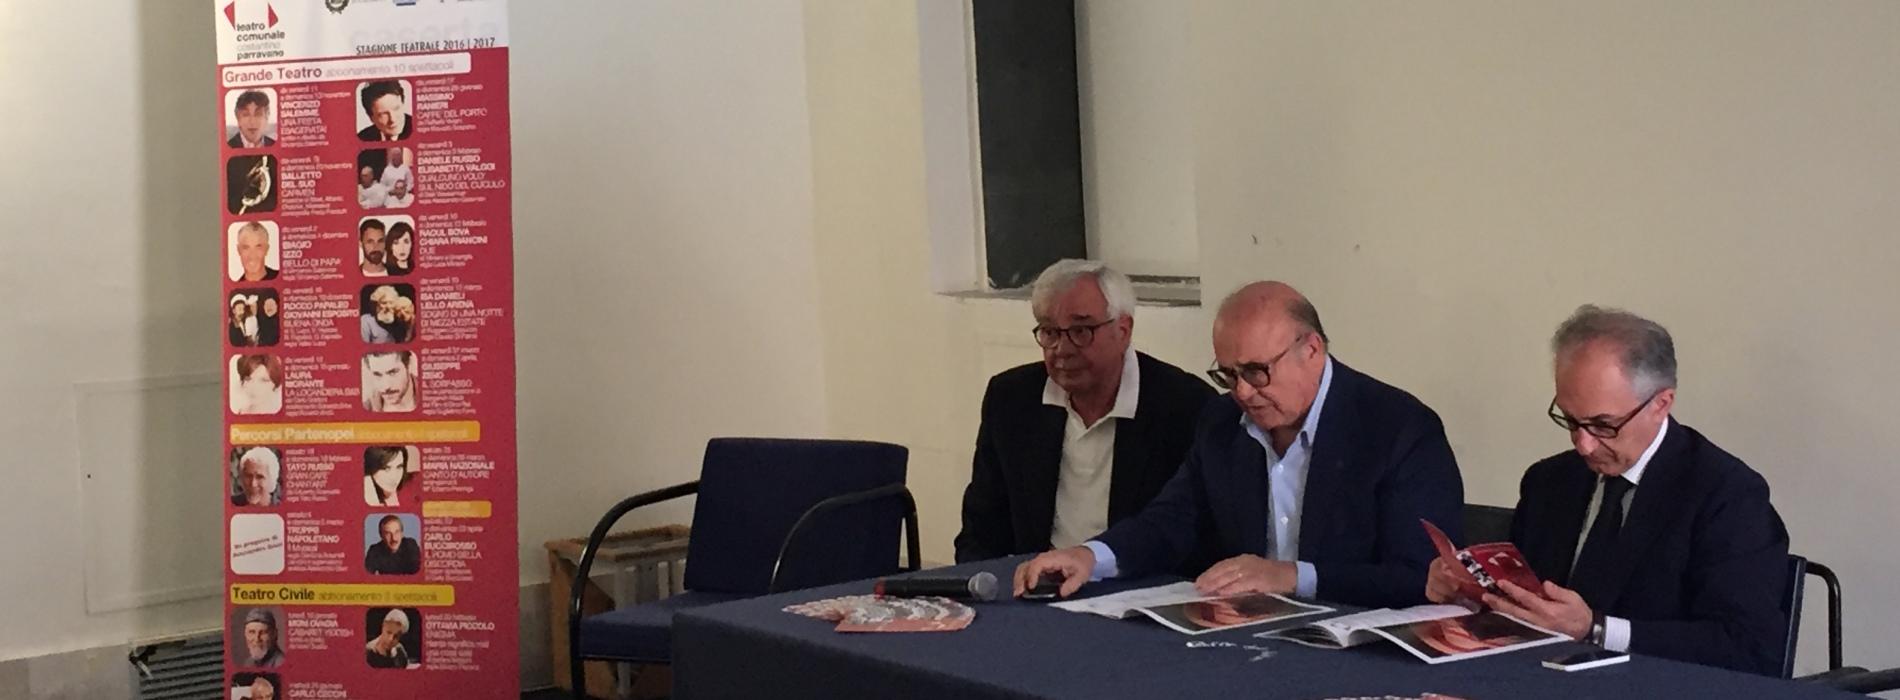 Nuova stagione teatrale a Caserta tra novità e ritorni